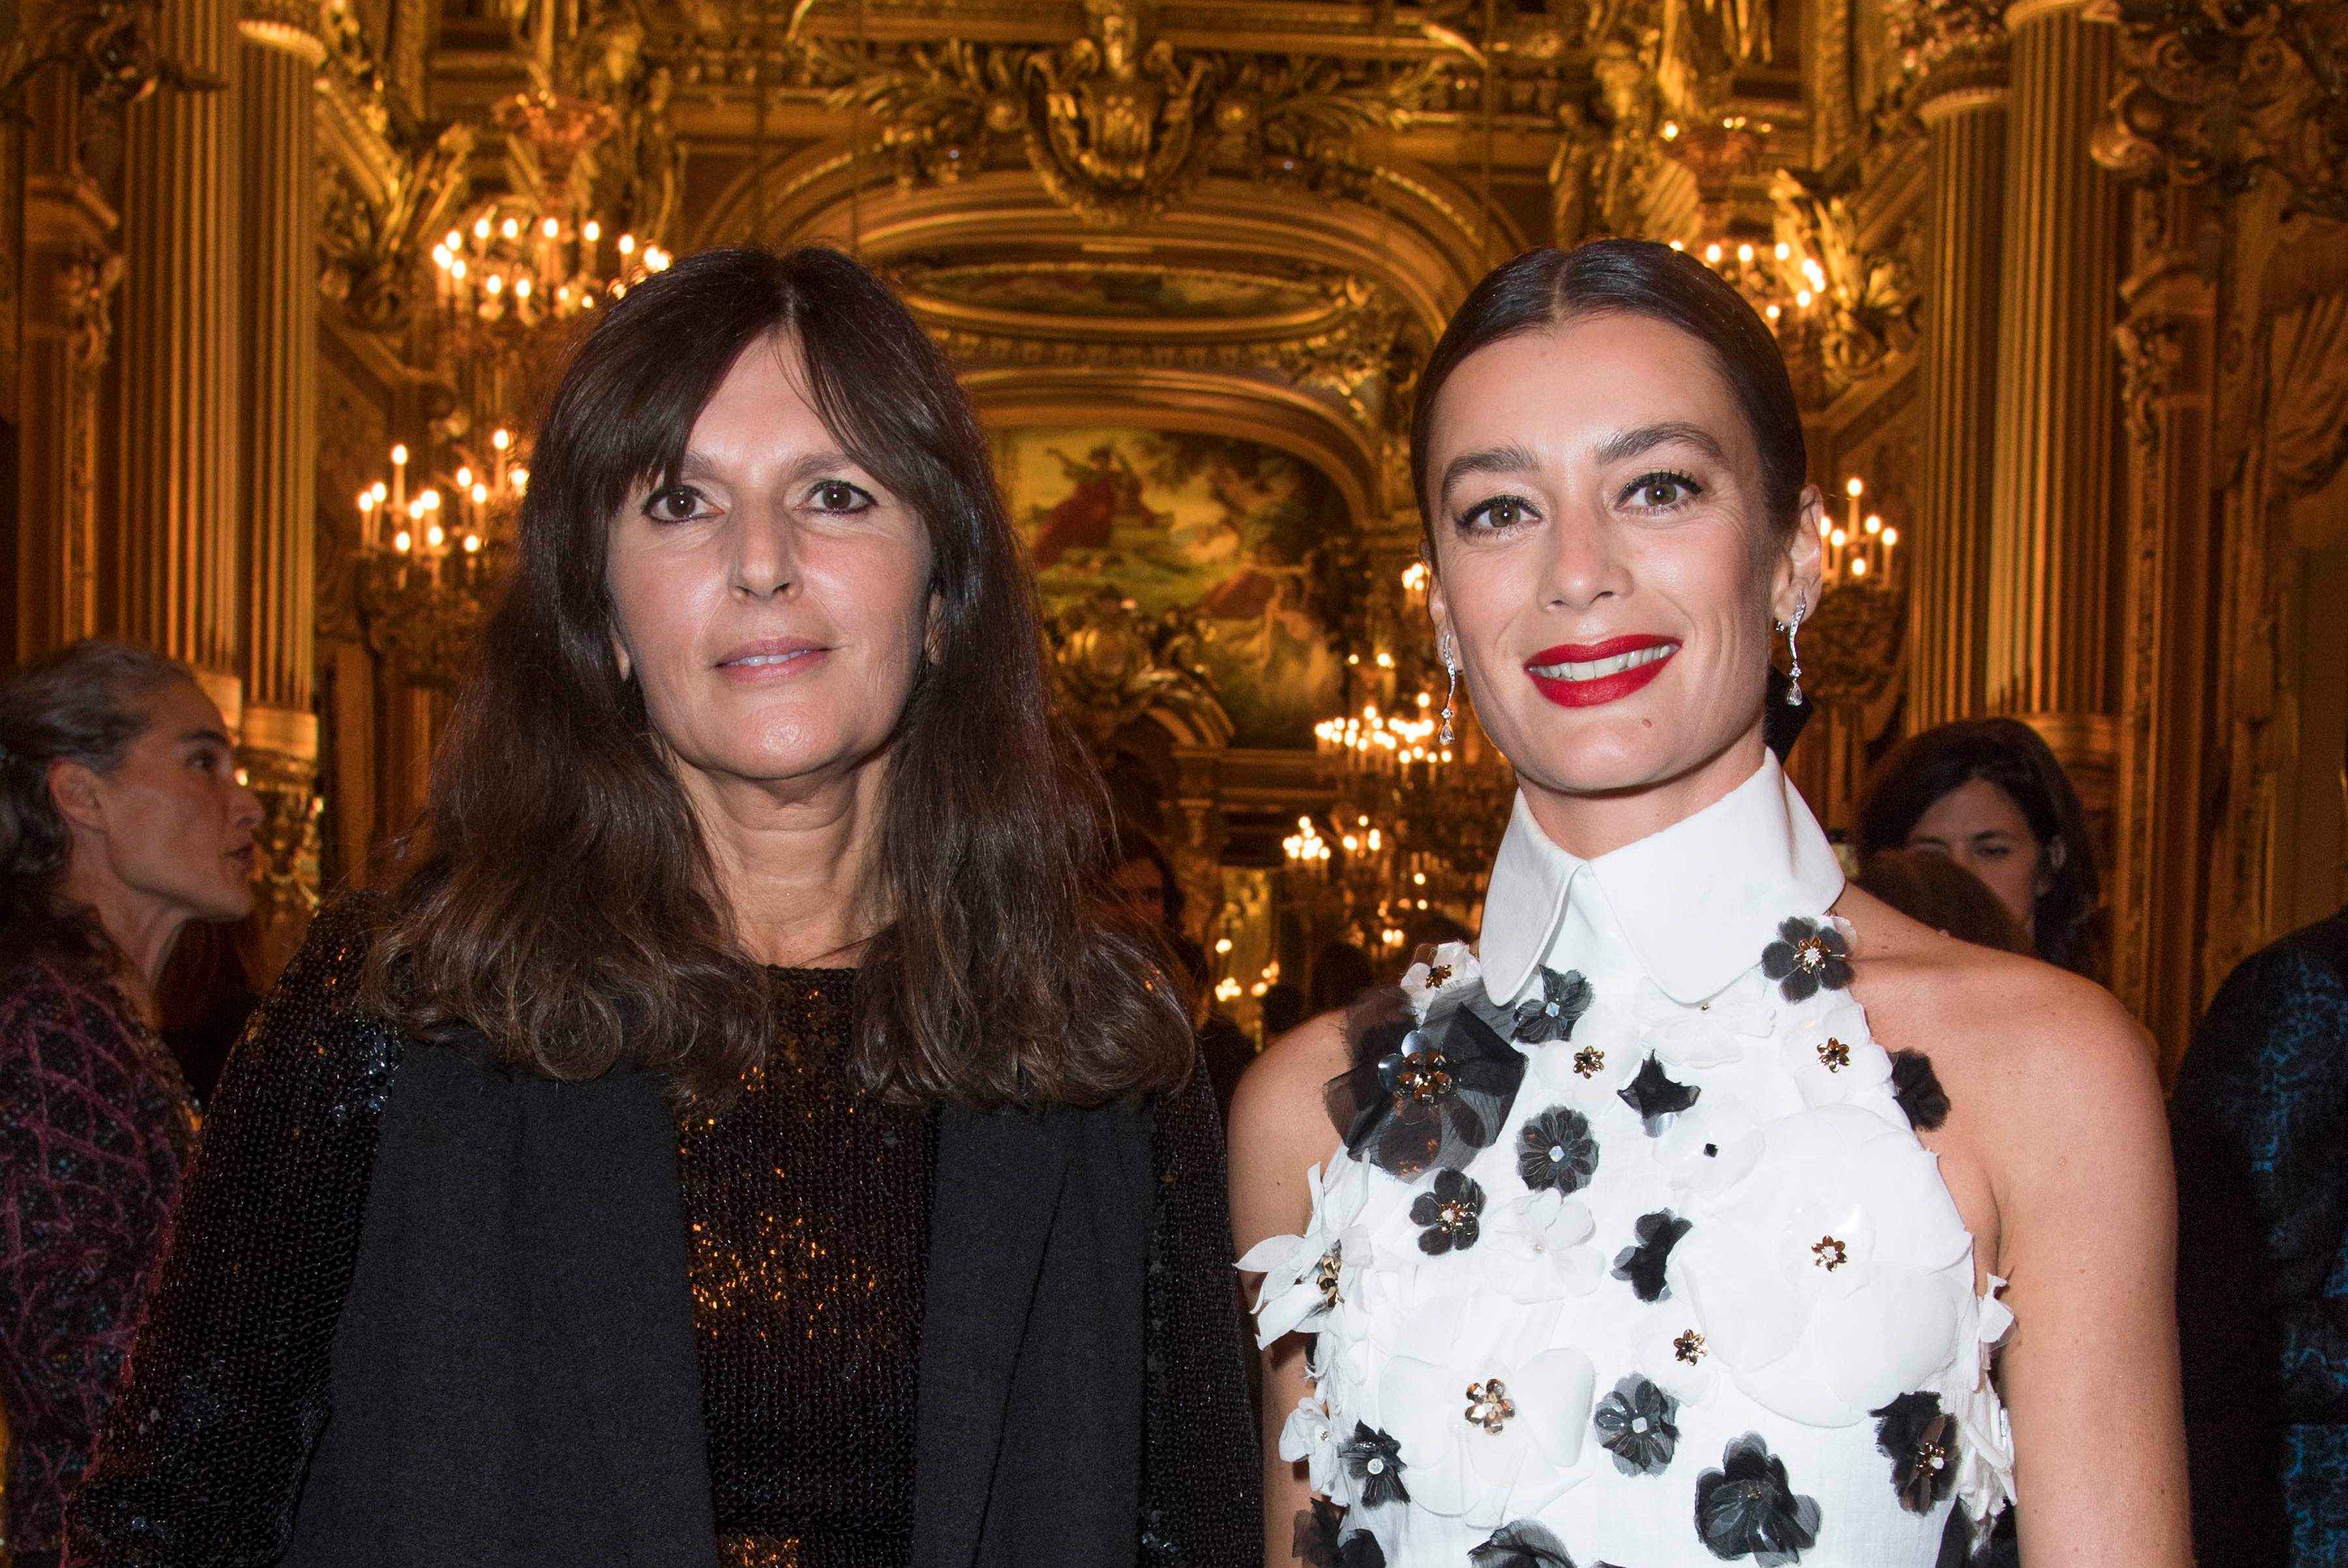 Virginie Viard & Aurélie Dupont - Gala de l'Opéra au Palais Garnier, le 20 septembre 2019 à Paris.